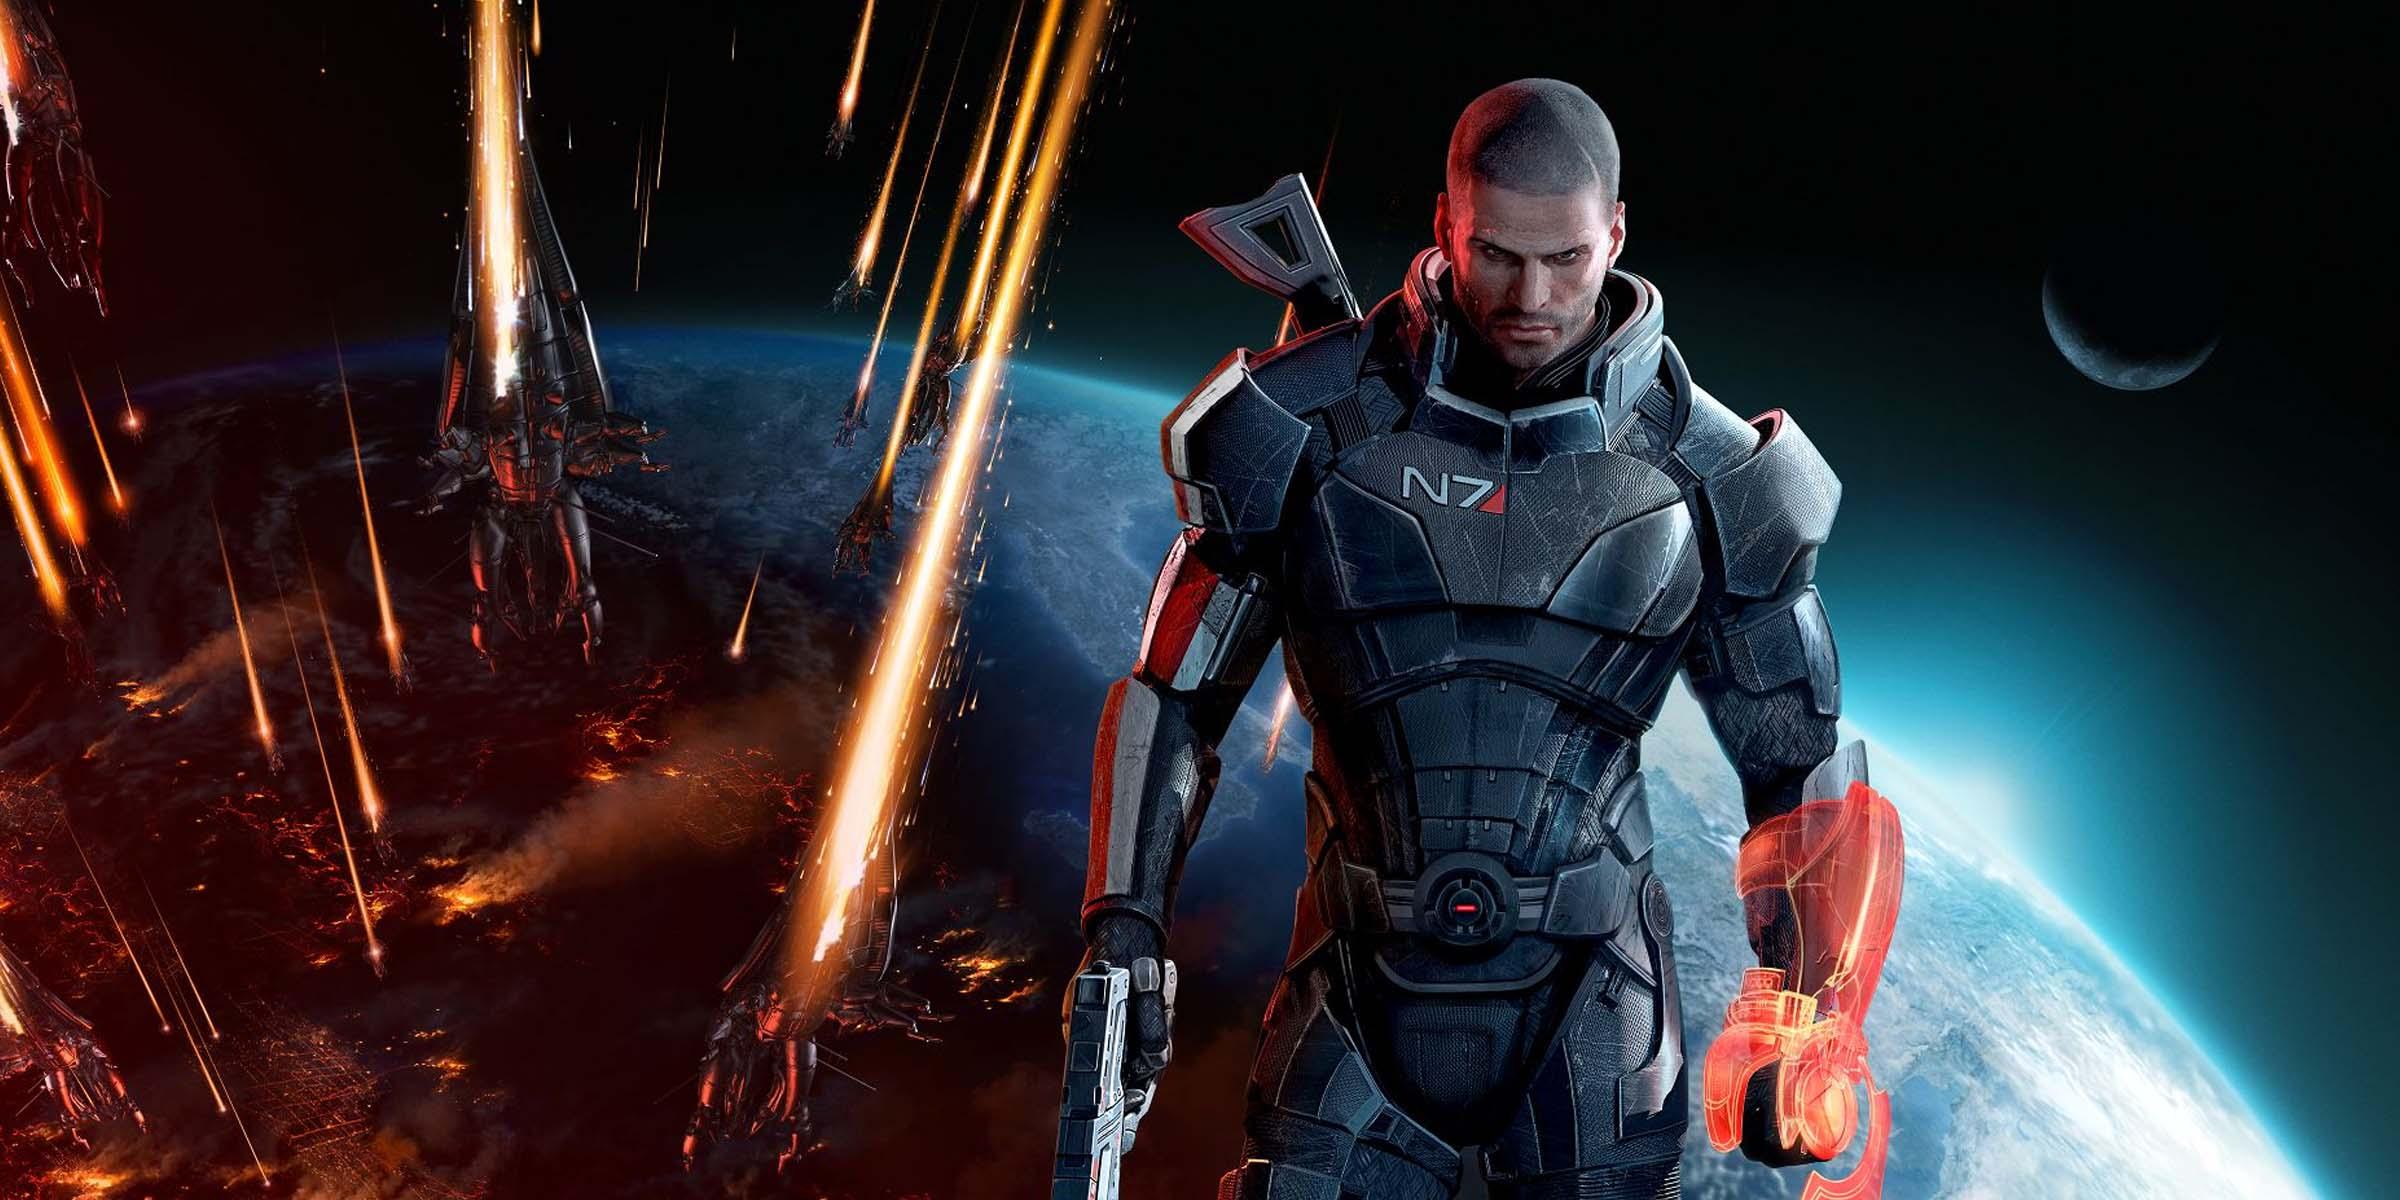 Mass Effect 2  fu uno dei pochi giochi, usciti nel 2010, a cui mancai di giocare. Nonostante me lo avessero regalato per il compleanno, tra l'altro. E nemmeno ci giocai mai, alla fine, nonostante mi fossi pure gustato, e con grande piacere, il capitolo precedente. Il motivo? Forse stava iniziando a sopraggiungere quell'indolenza videoludica che mi intrappolò negli anni a venire, credo.